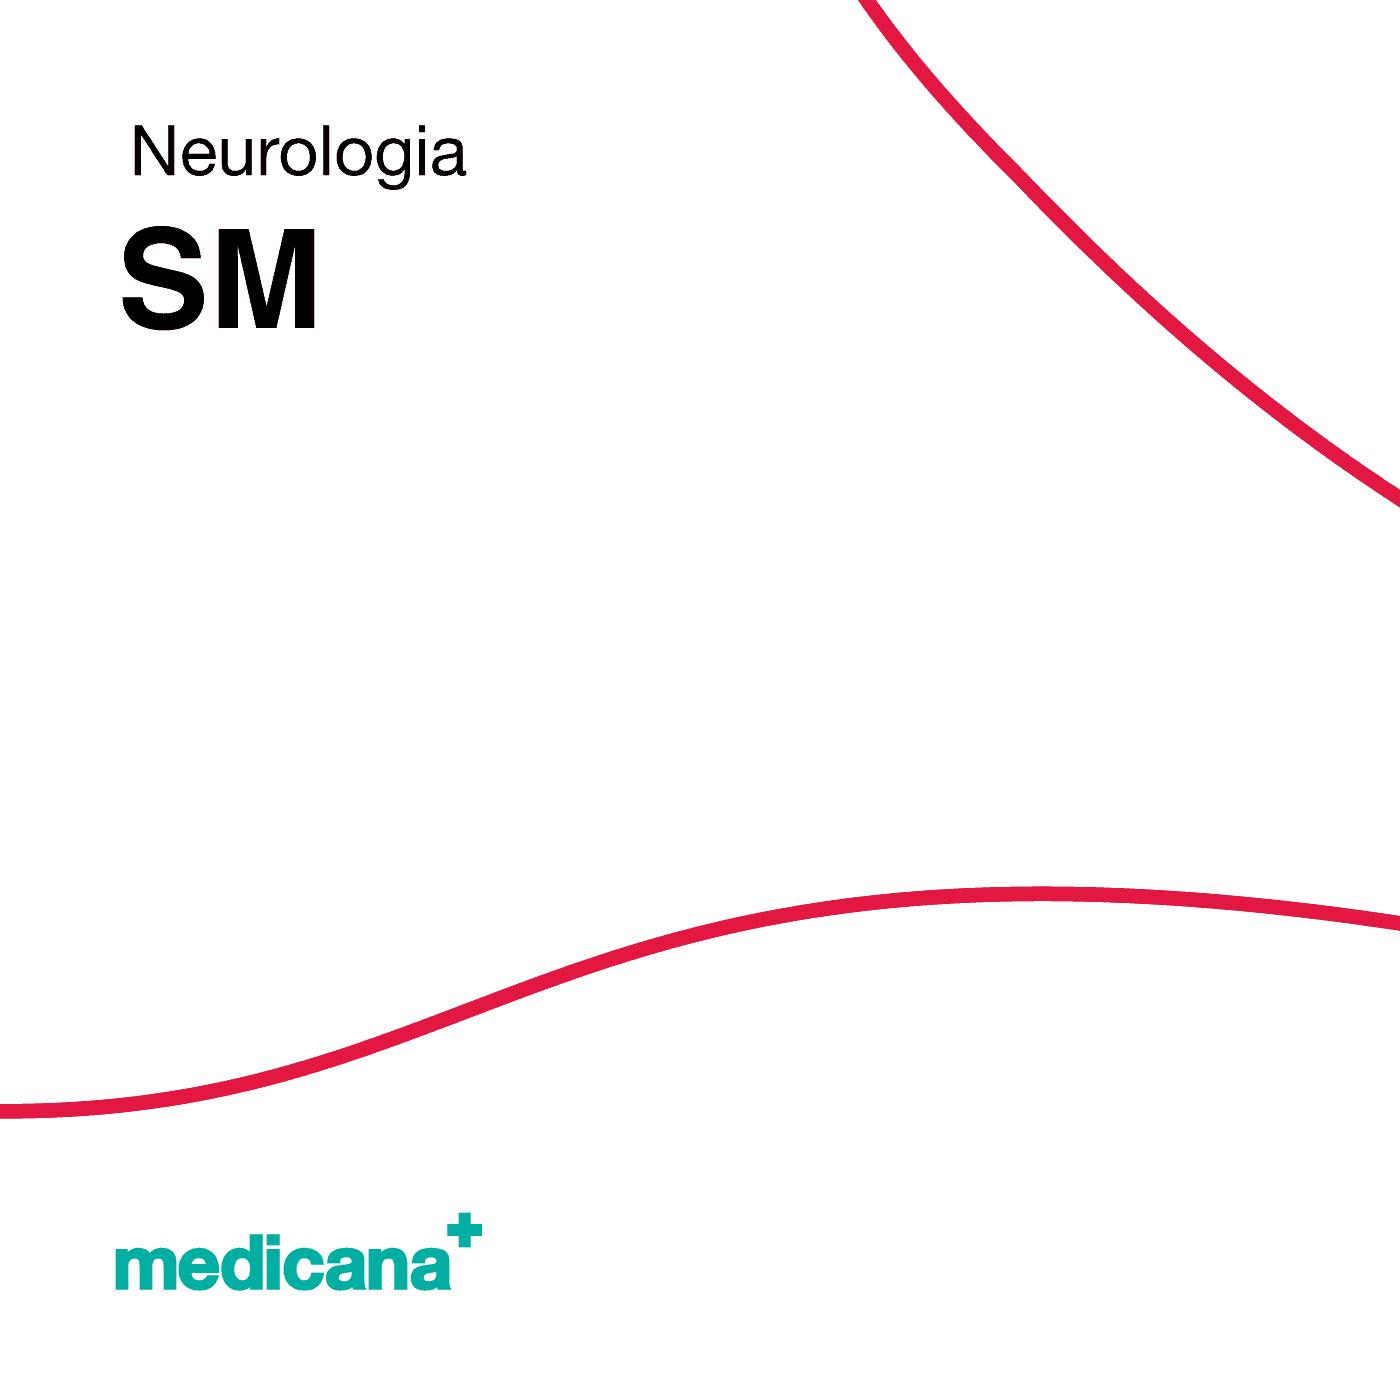 Grafika, białe tło z czerwoną kreską, czarnym napisem Neurologia - SM oraz zielonym logo Medicana w lewym dolnym rogu.